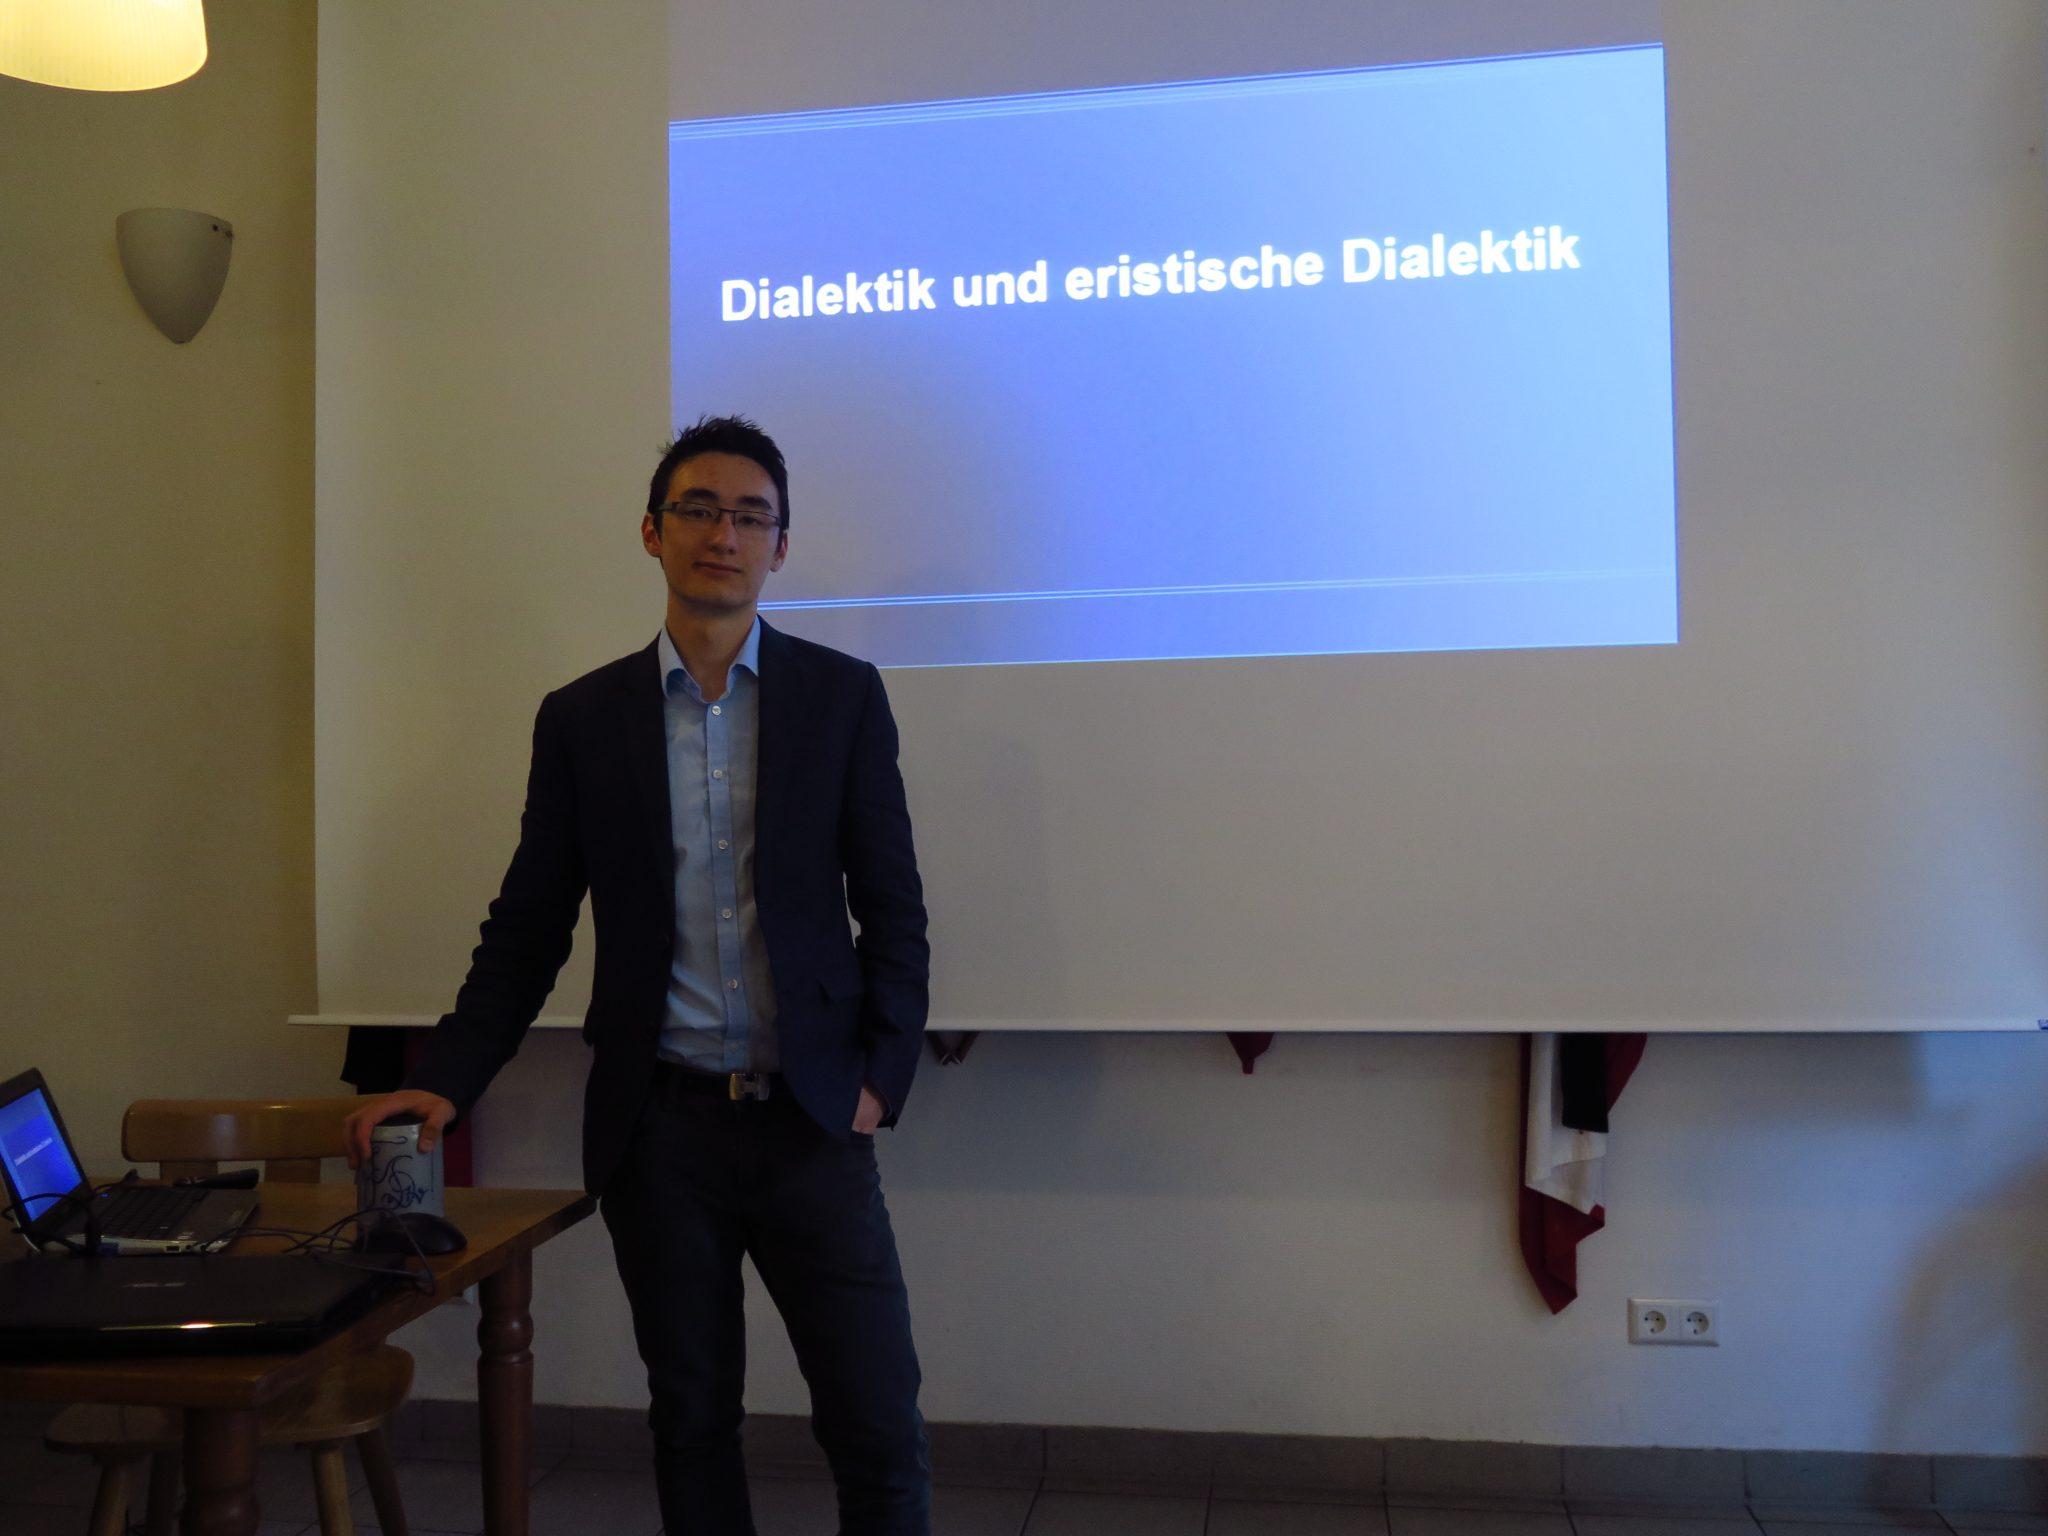 Dialektik – Burschungsvortrag von Benedict Hasenauer